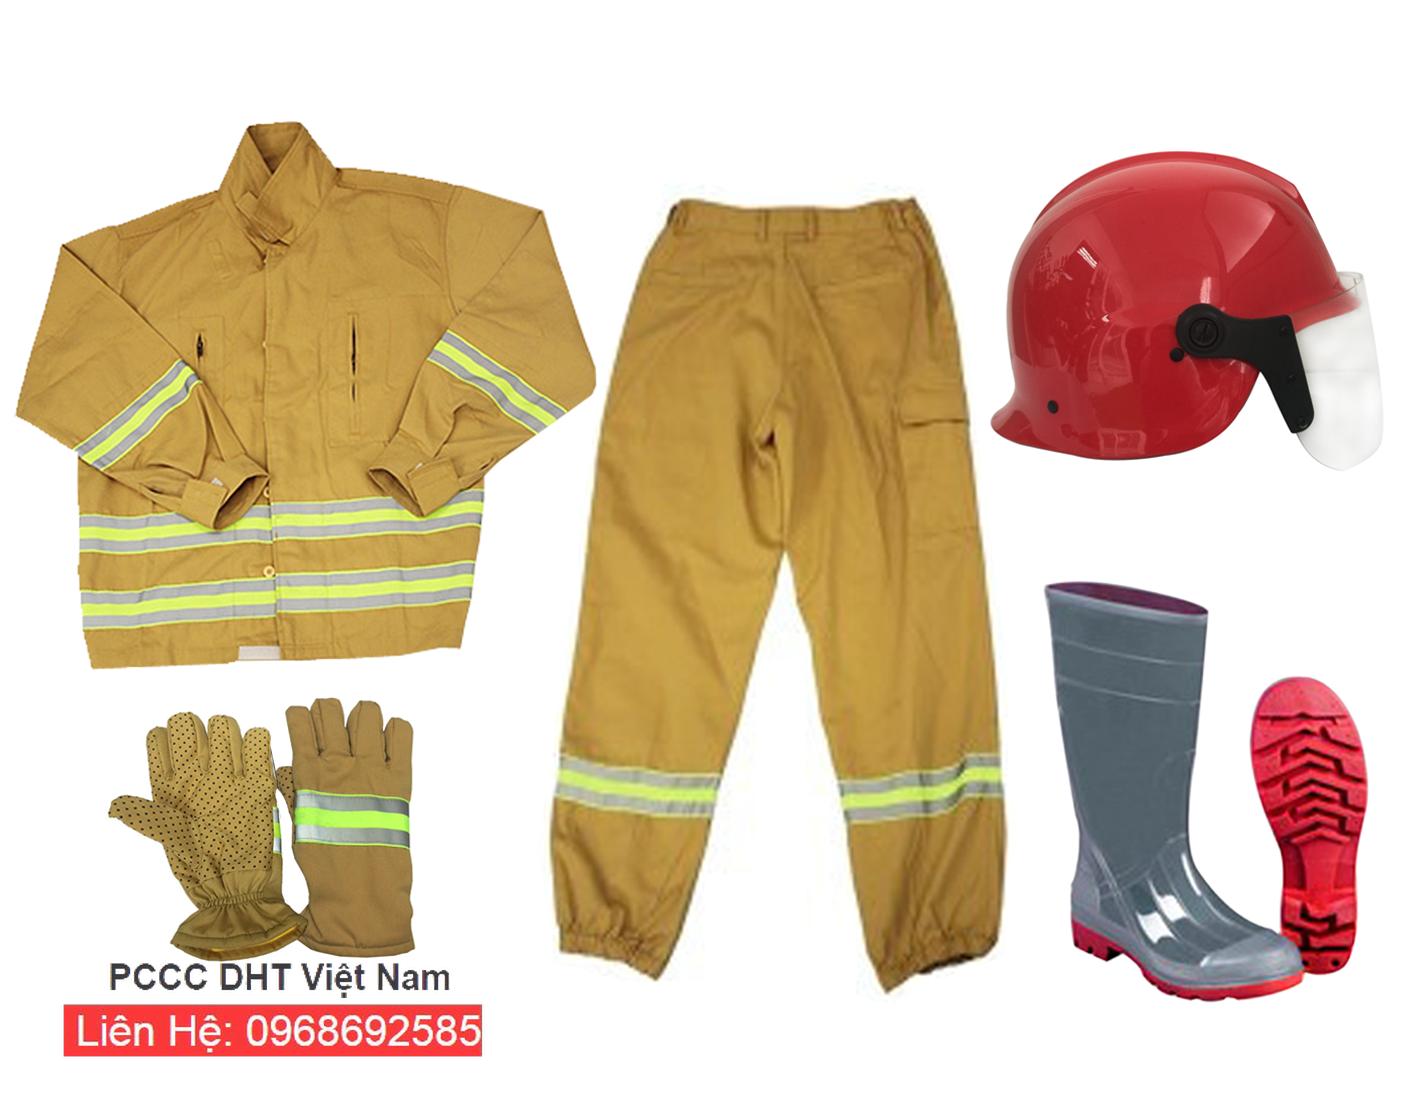 PCCC DHT Việt Nam chuyên phân phối các thiết bị chữa cháy an toàn